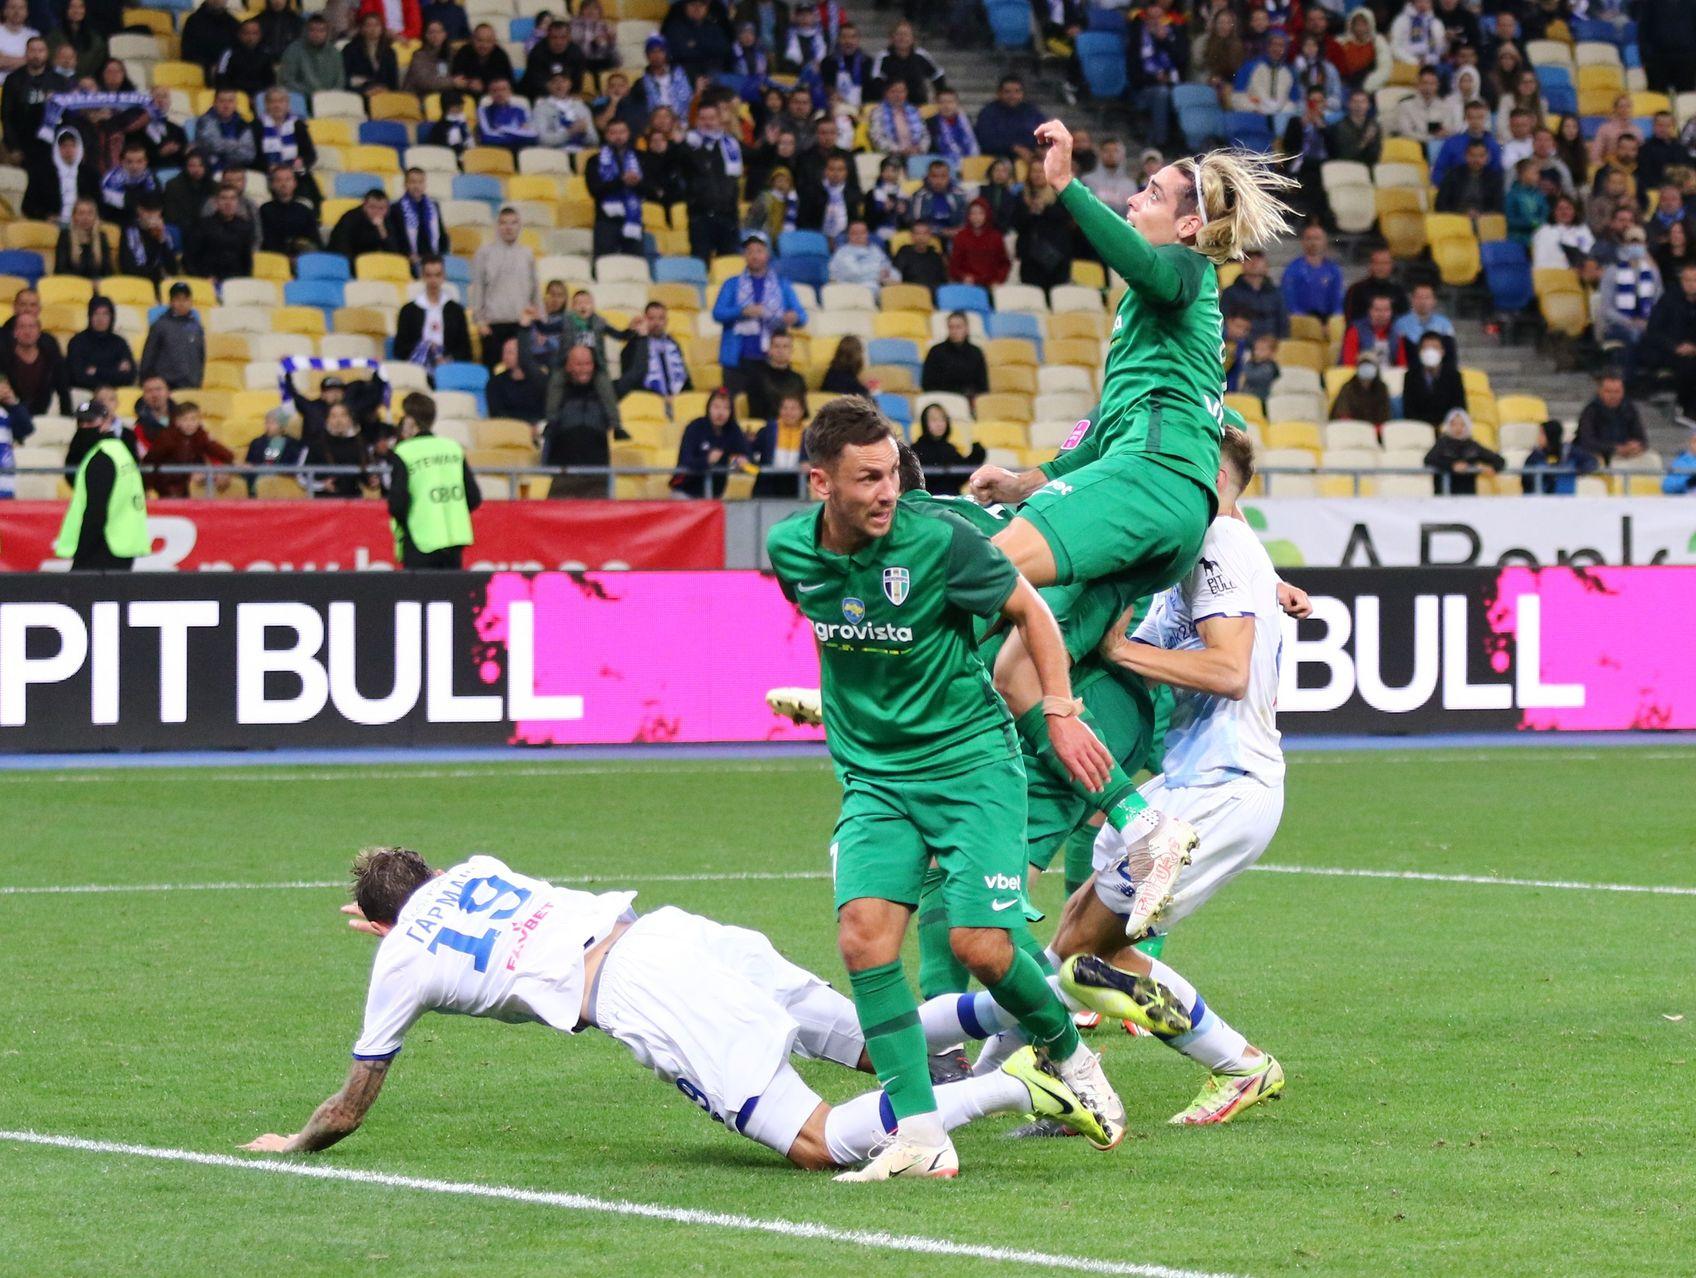 УПЛ. Динамо - Олександрія 1:0. Без пересудів не обійдеться - изображение 1